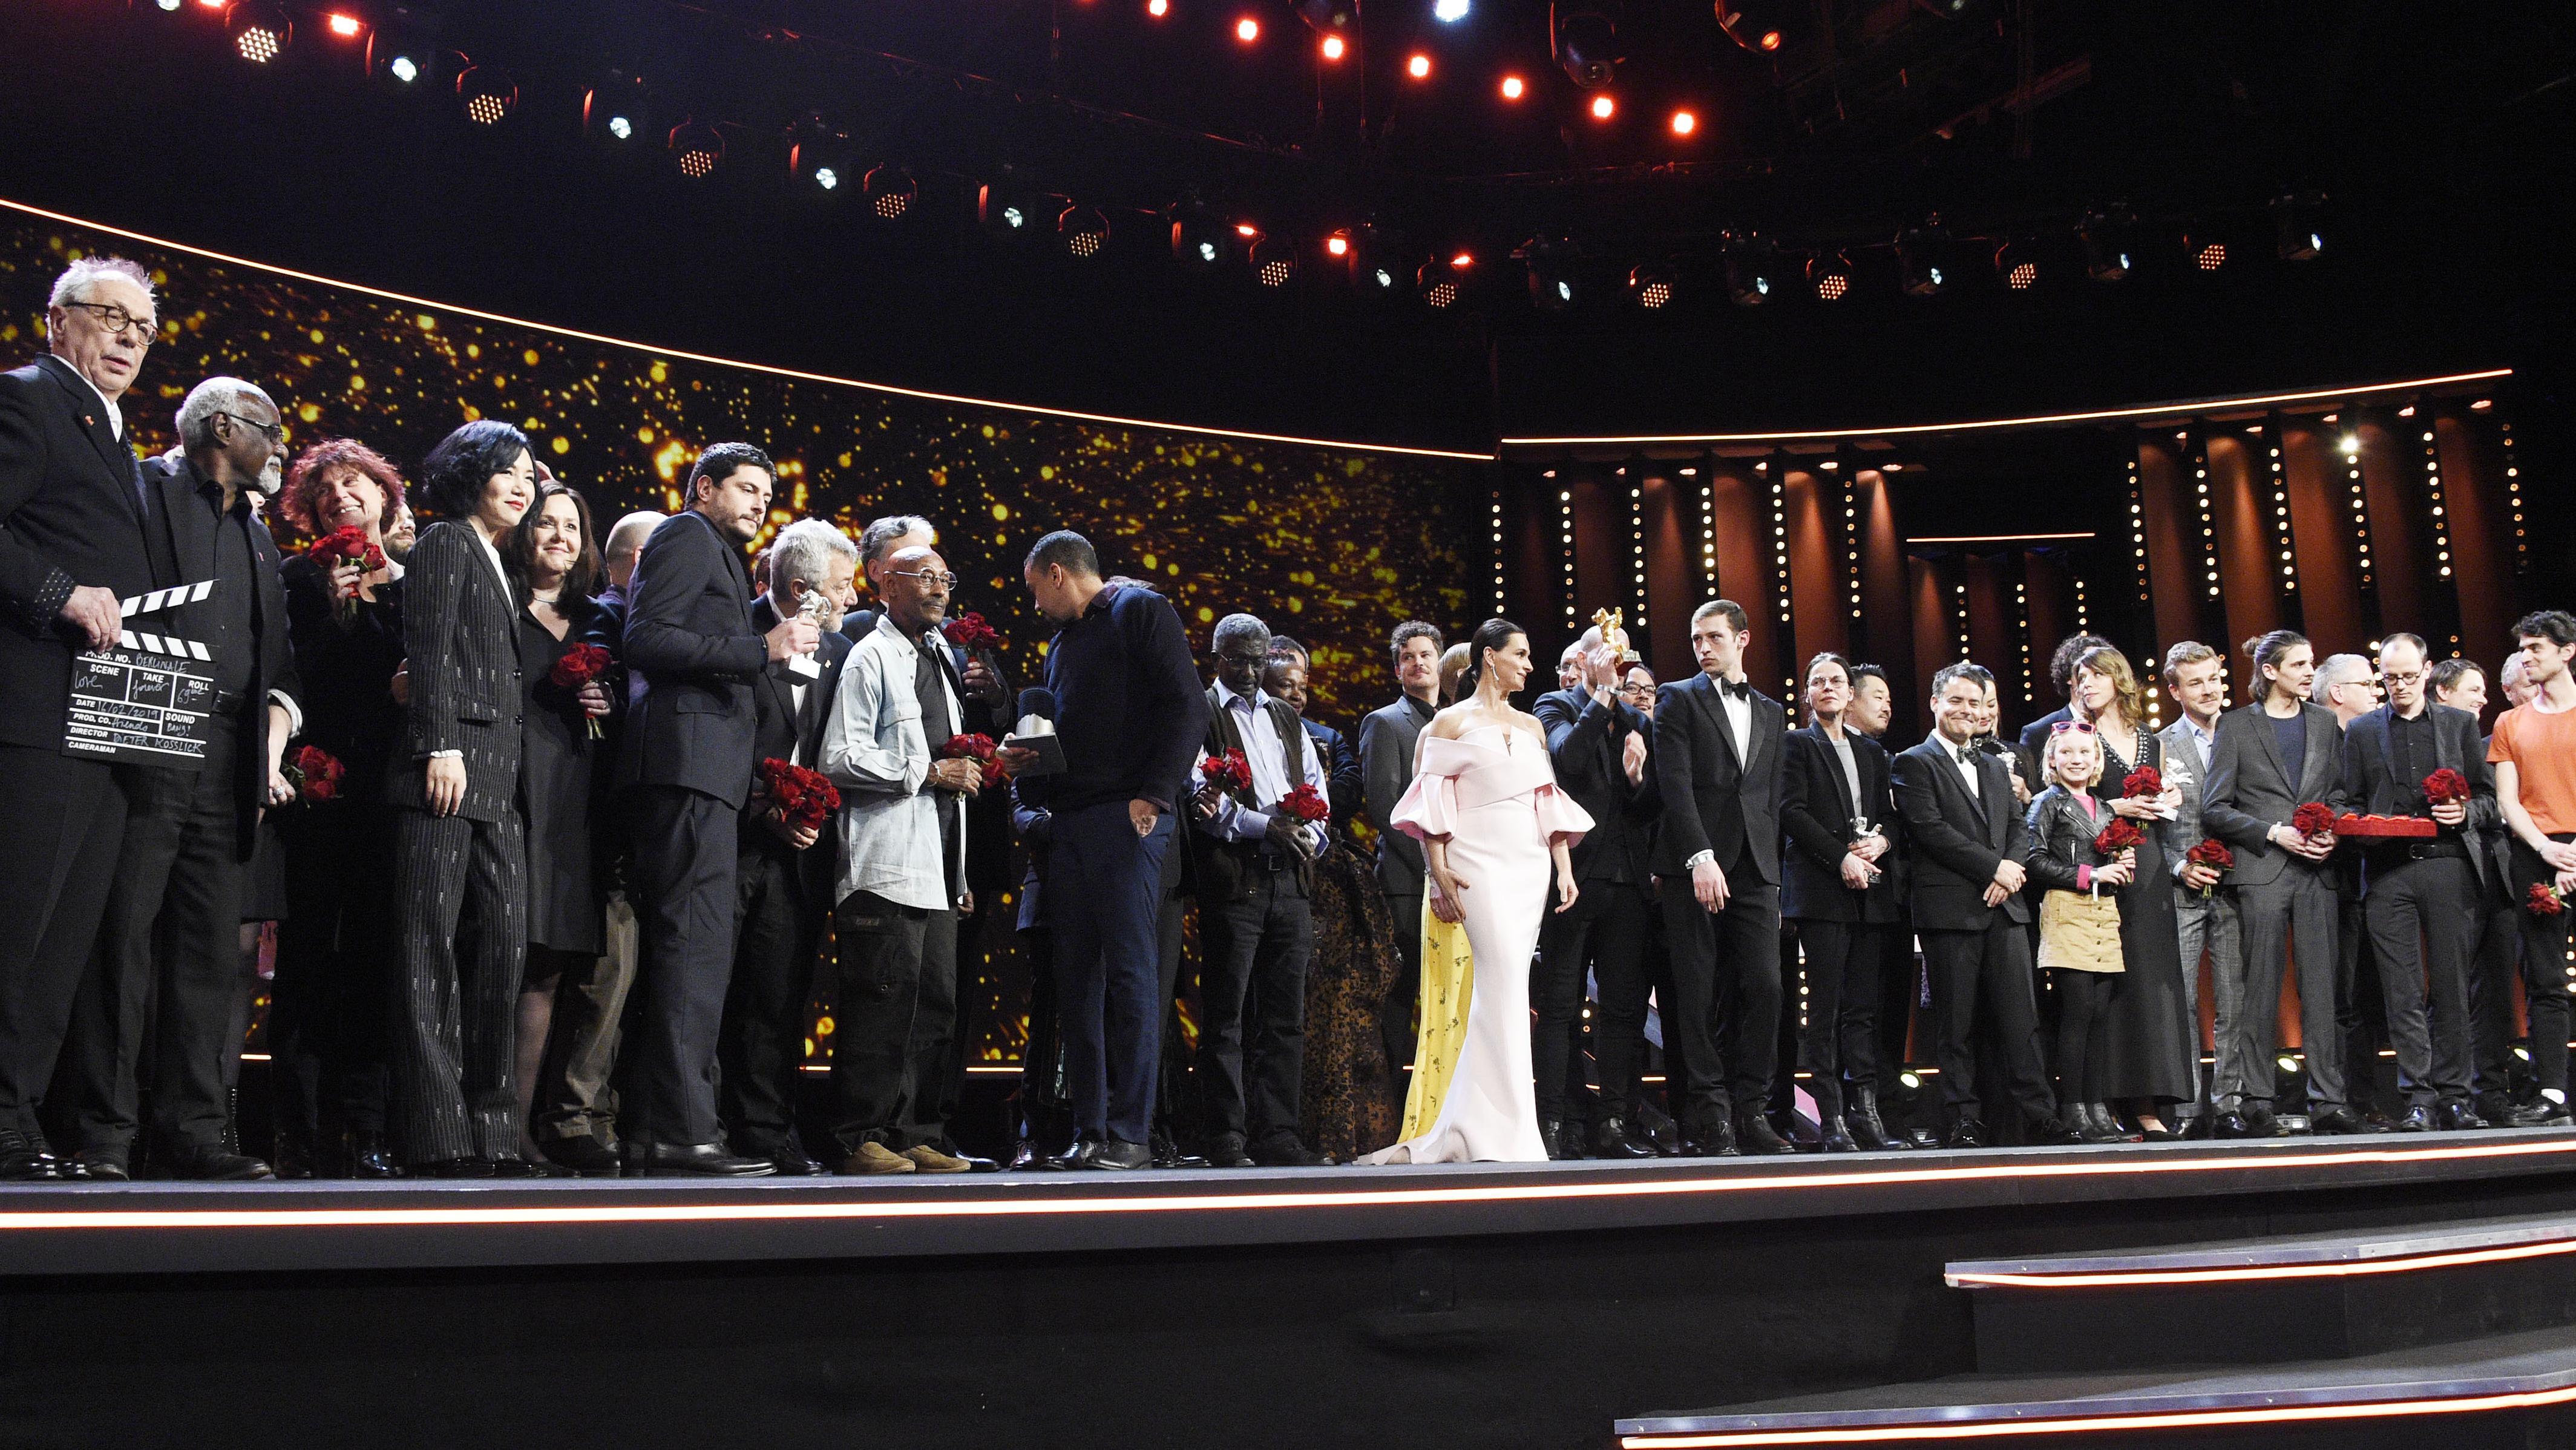 Preisträger der Berlinale 2019 versammeln sich auf der Bühne.